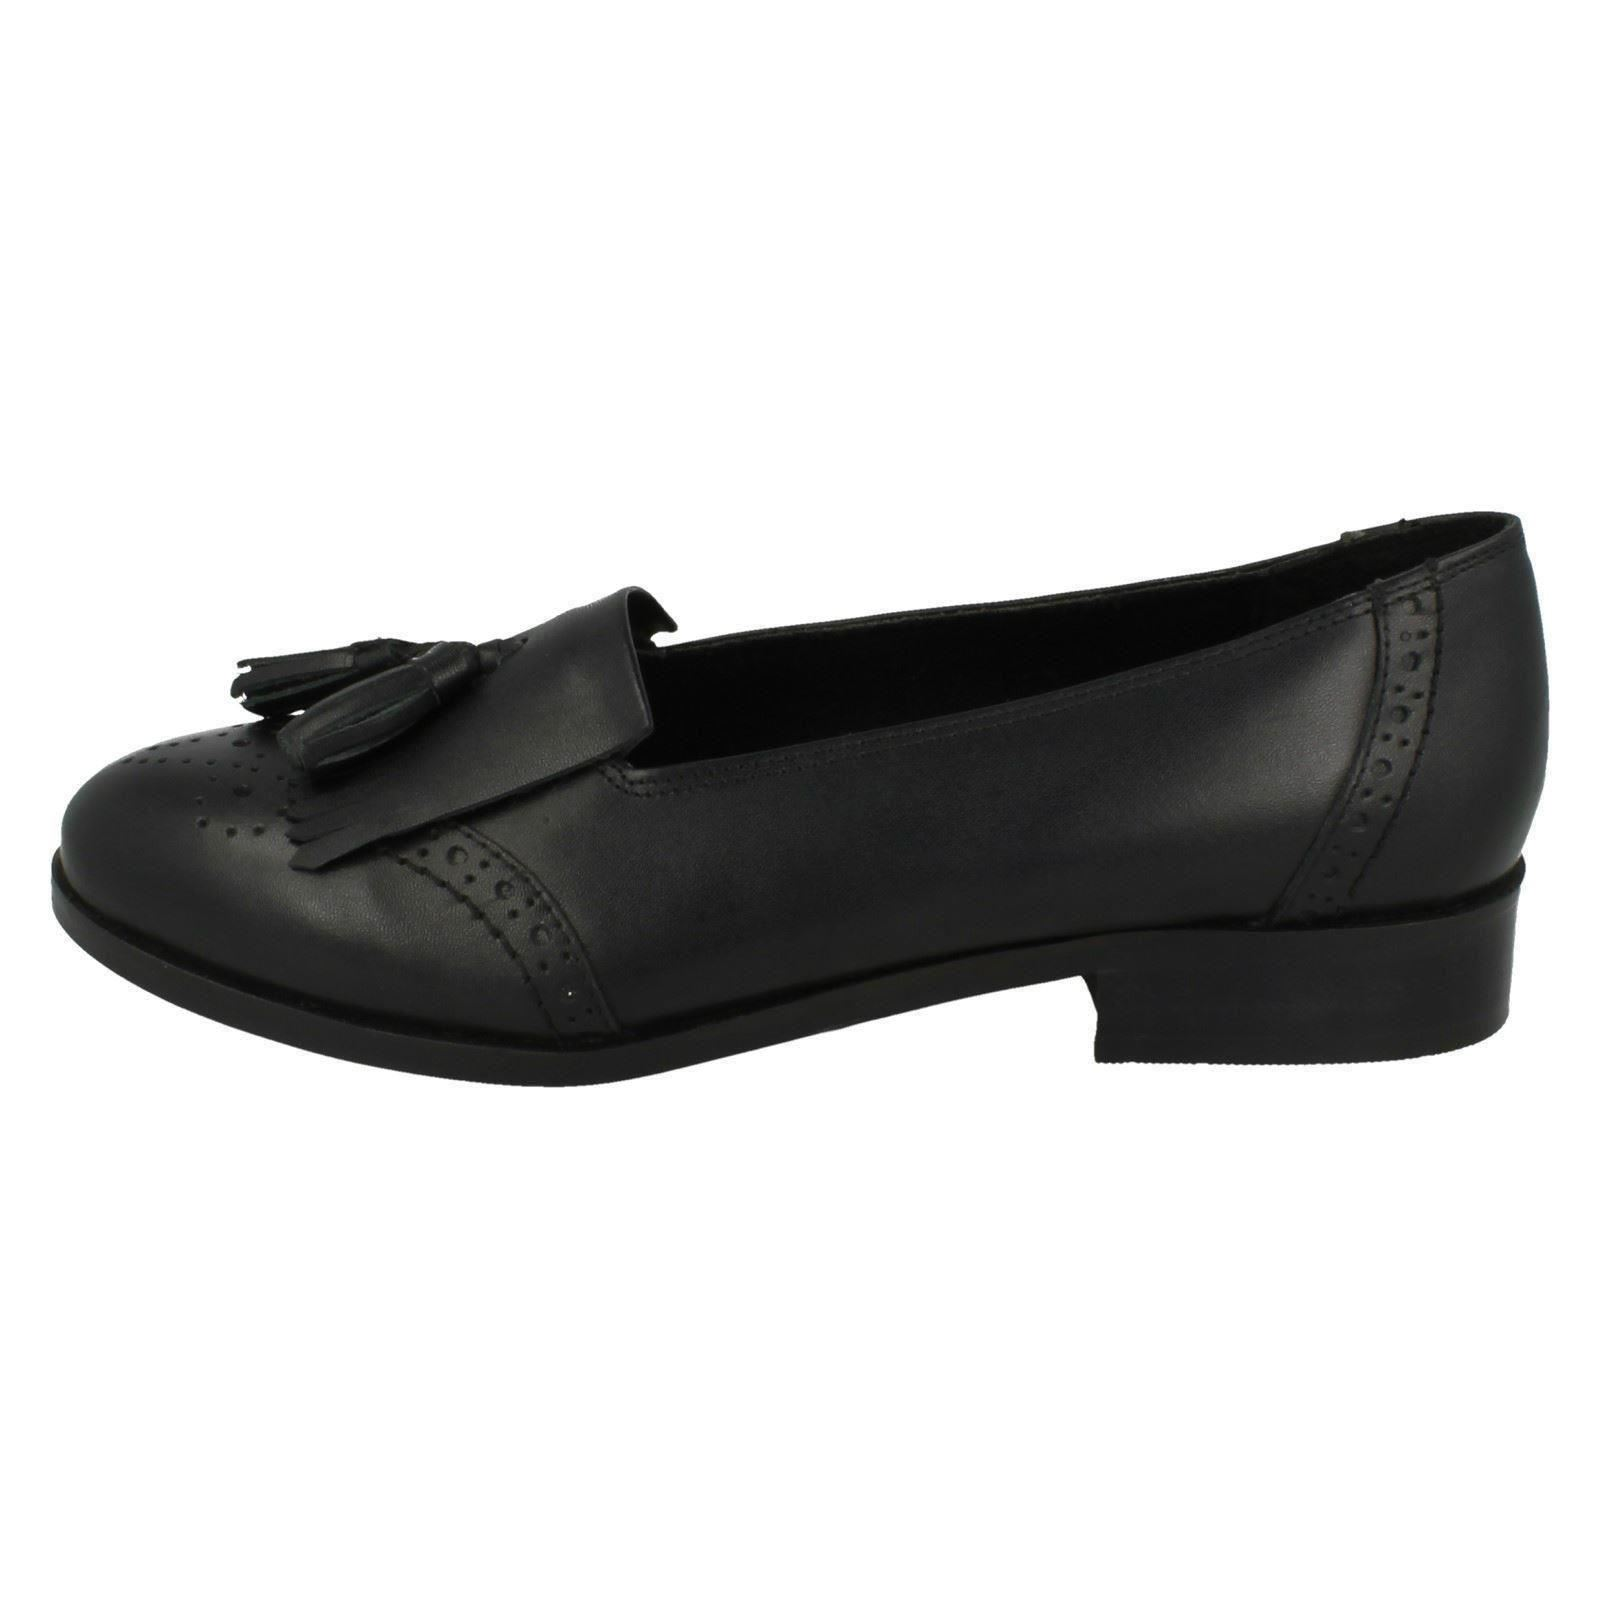 mesdames cuir chaussures magasin phare collecte formelle formelle formelle style élégant achètent en ligne 55ea87